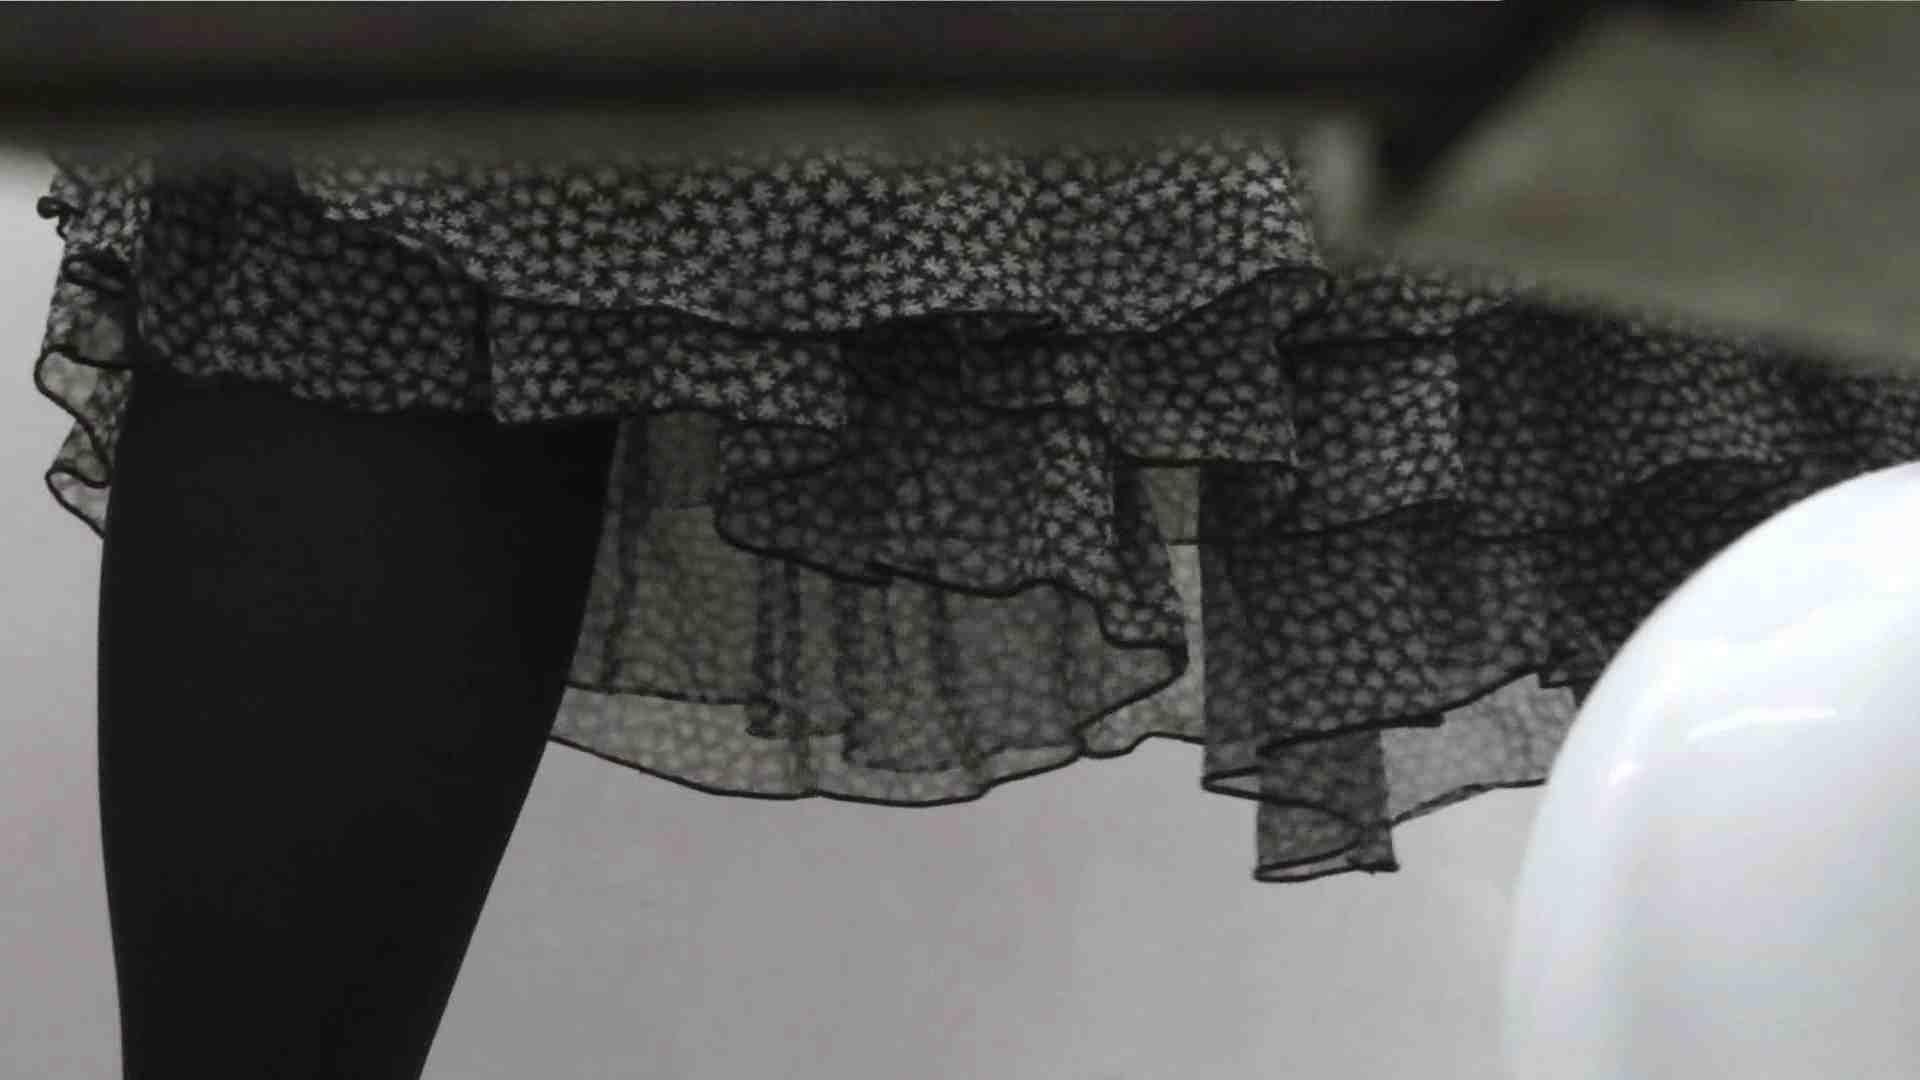 【美しき個室な世界】 vol.018 ピンクのおネエタン 洗面所  82pic 48